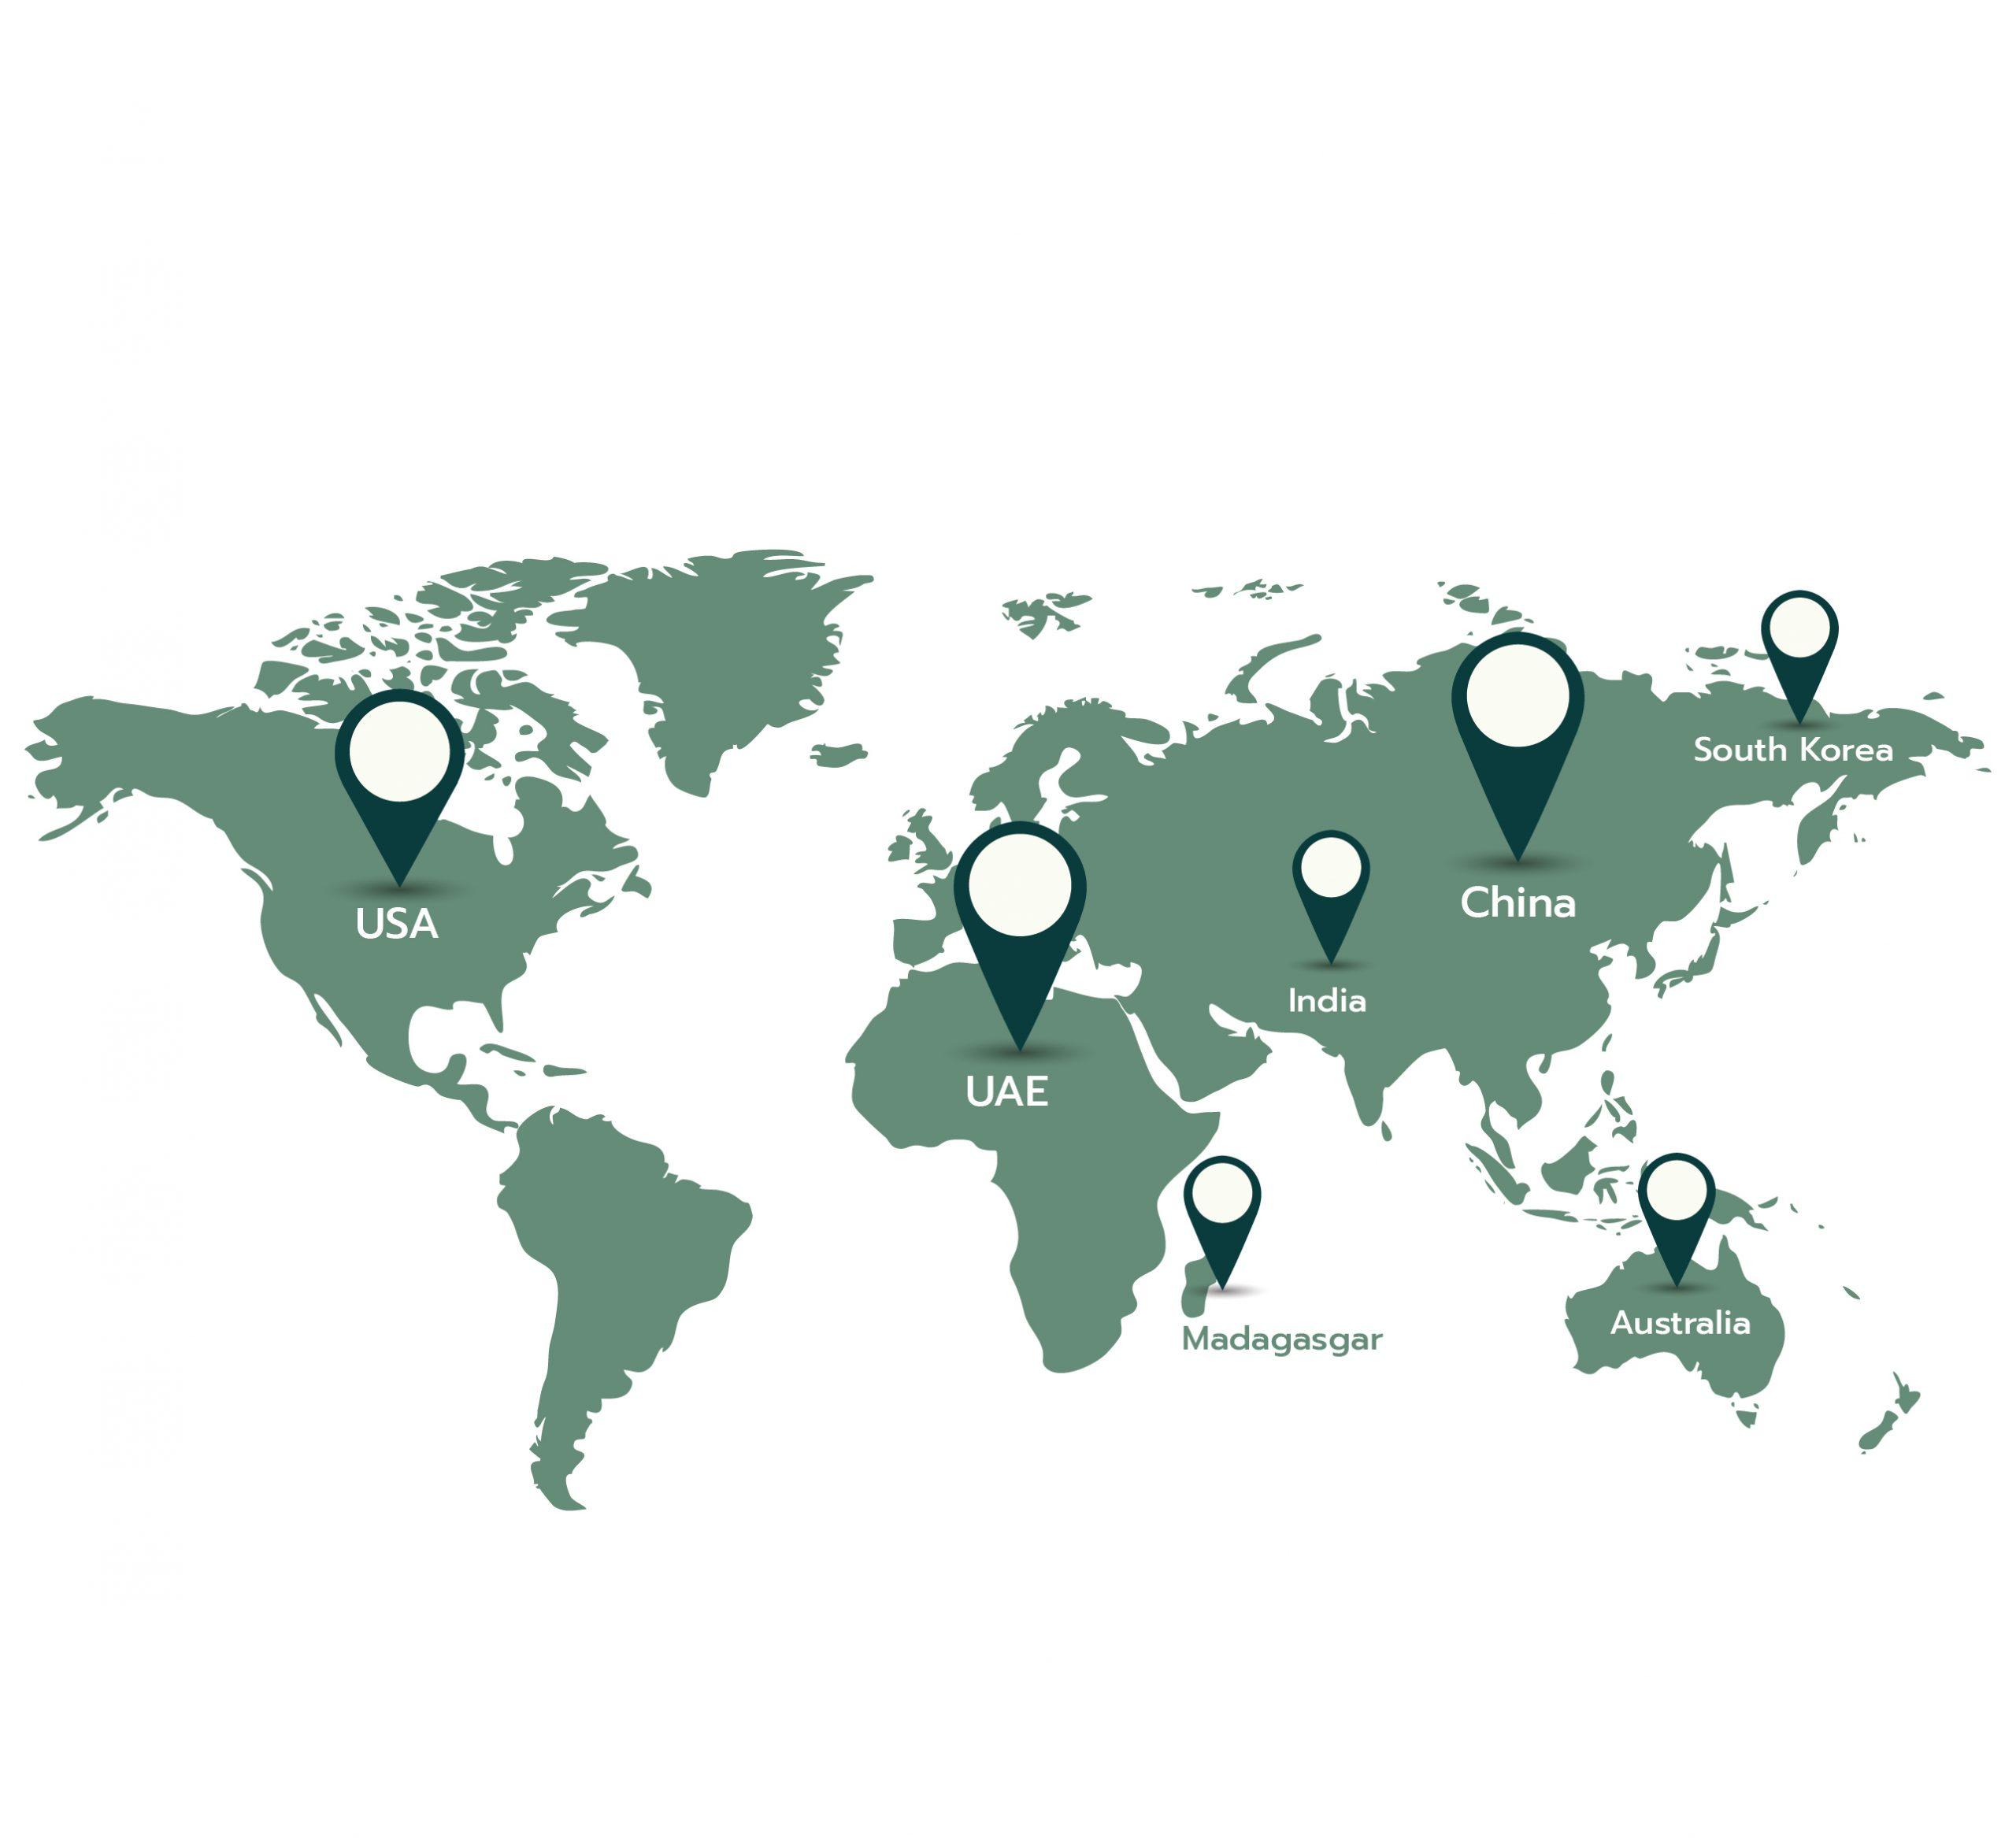 แผนที่แสดงกลุ่มลูกค้าเมดิคอส โรงงานผลิตสินค้าสปา รับผลิตยาหม่อง รับผลิตยาดมสมุนไพร